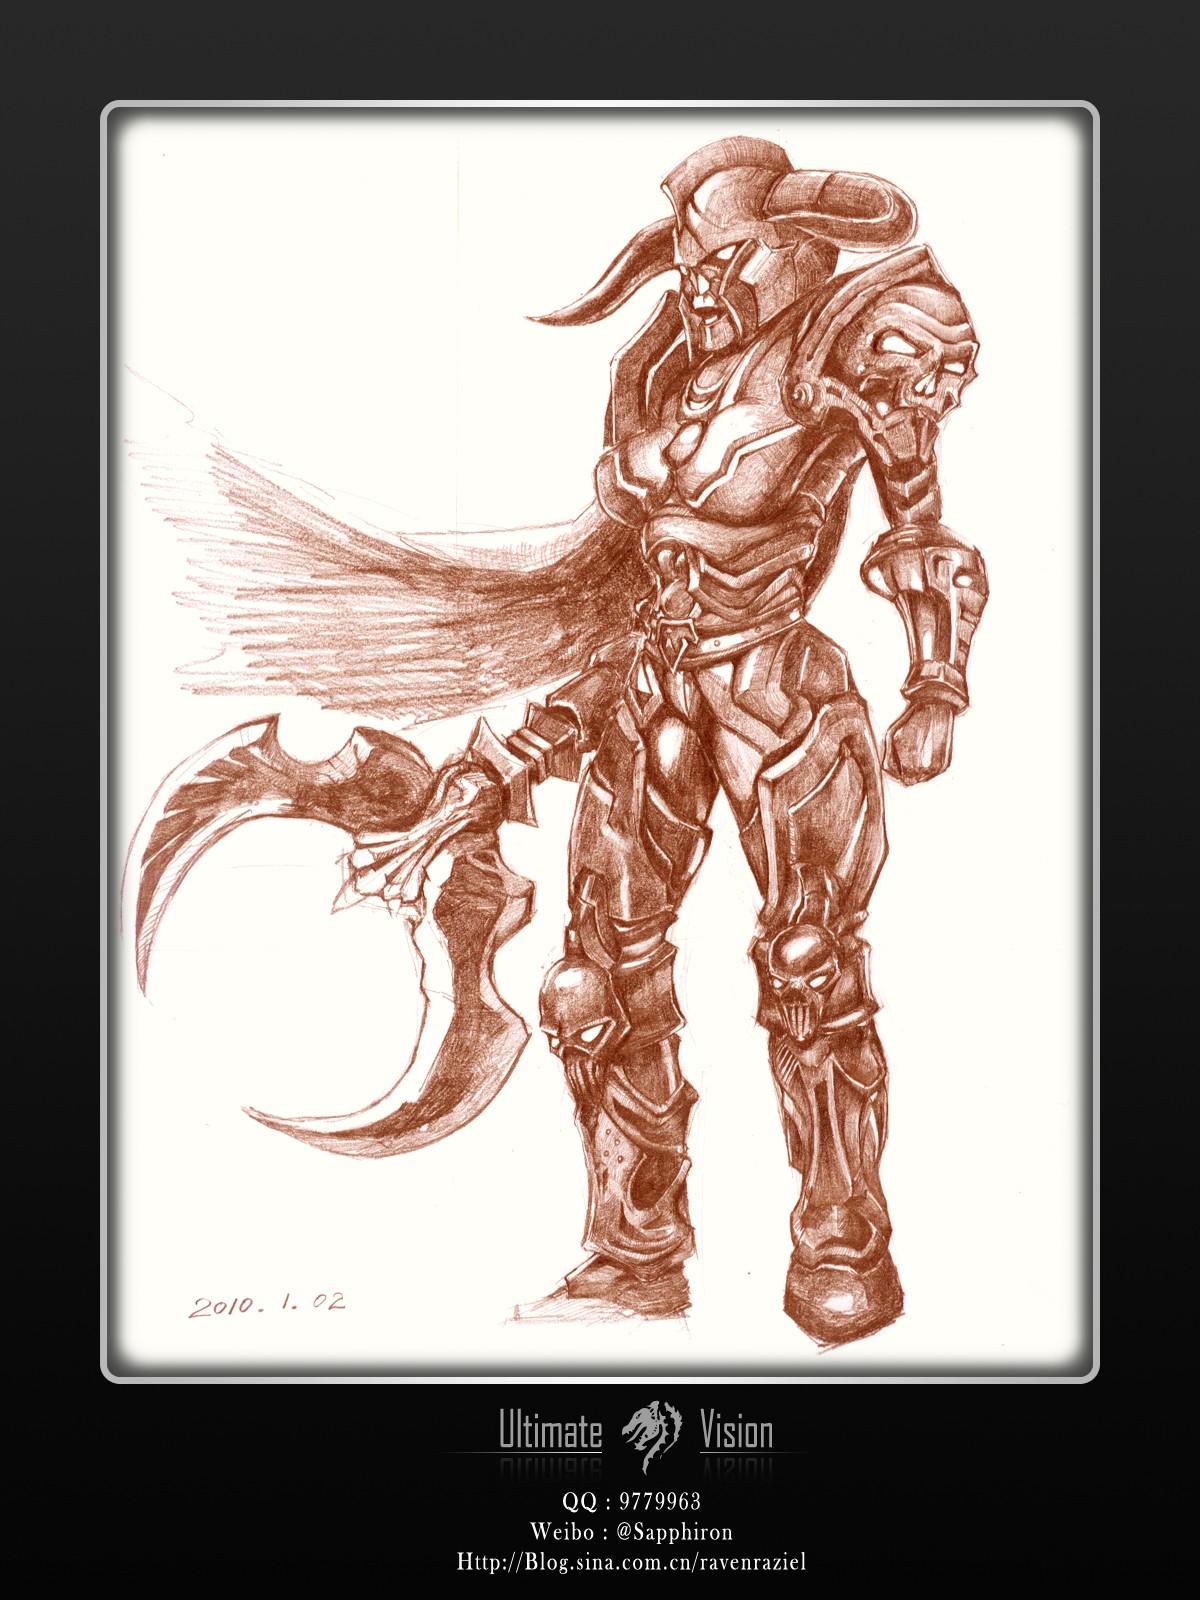 ...魔兽世界女战士名字 多玩专访魔兽世界梦想公会投资1440图...